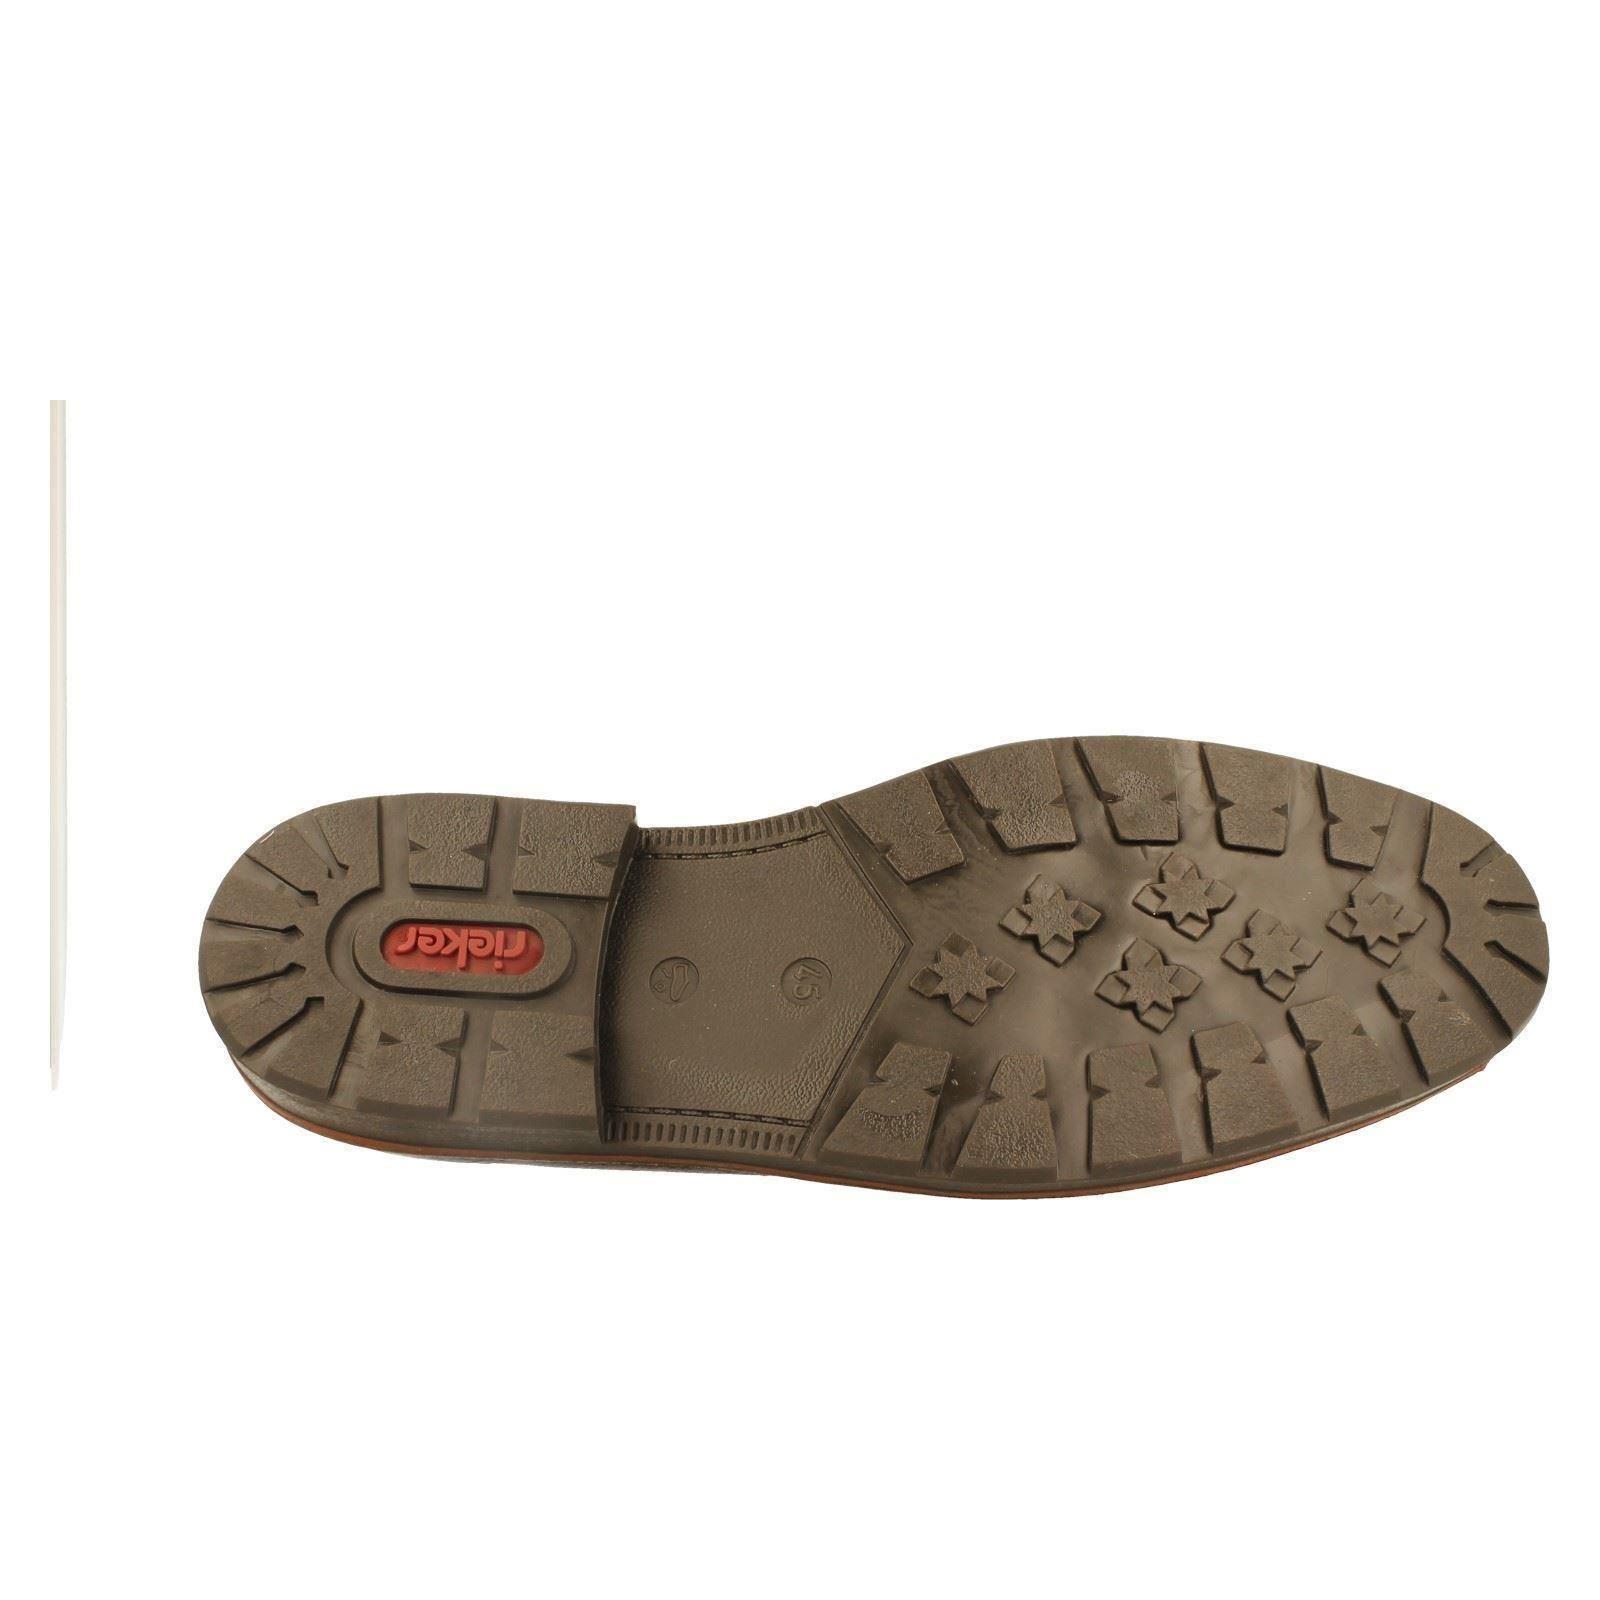 Linen Boots Brown Label Mens Rieker 35362 Warm w OwqT7